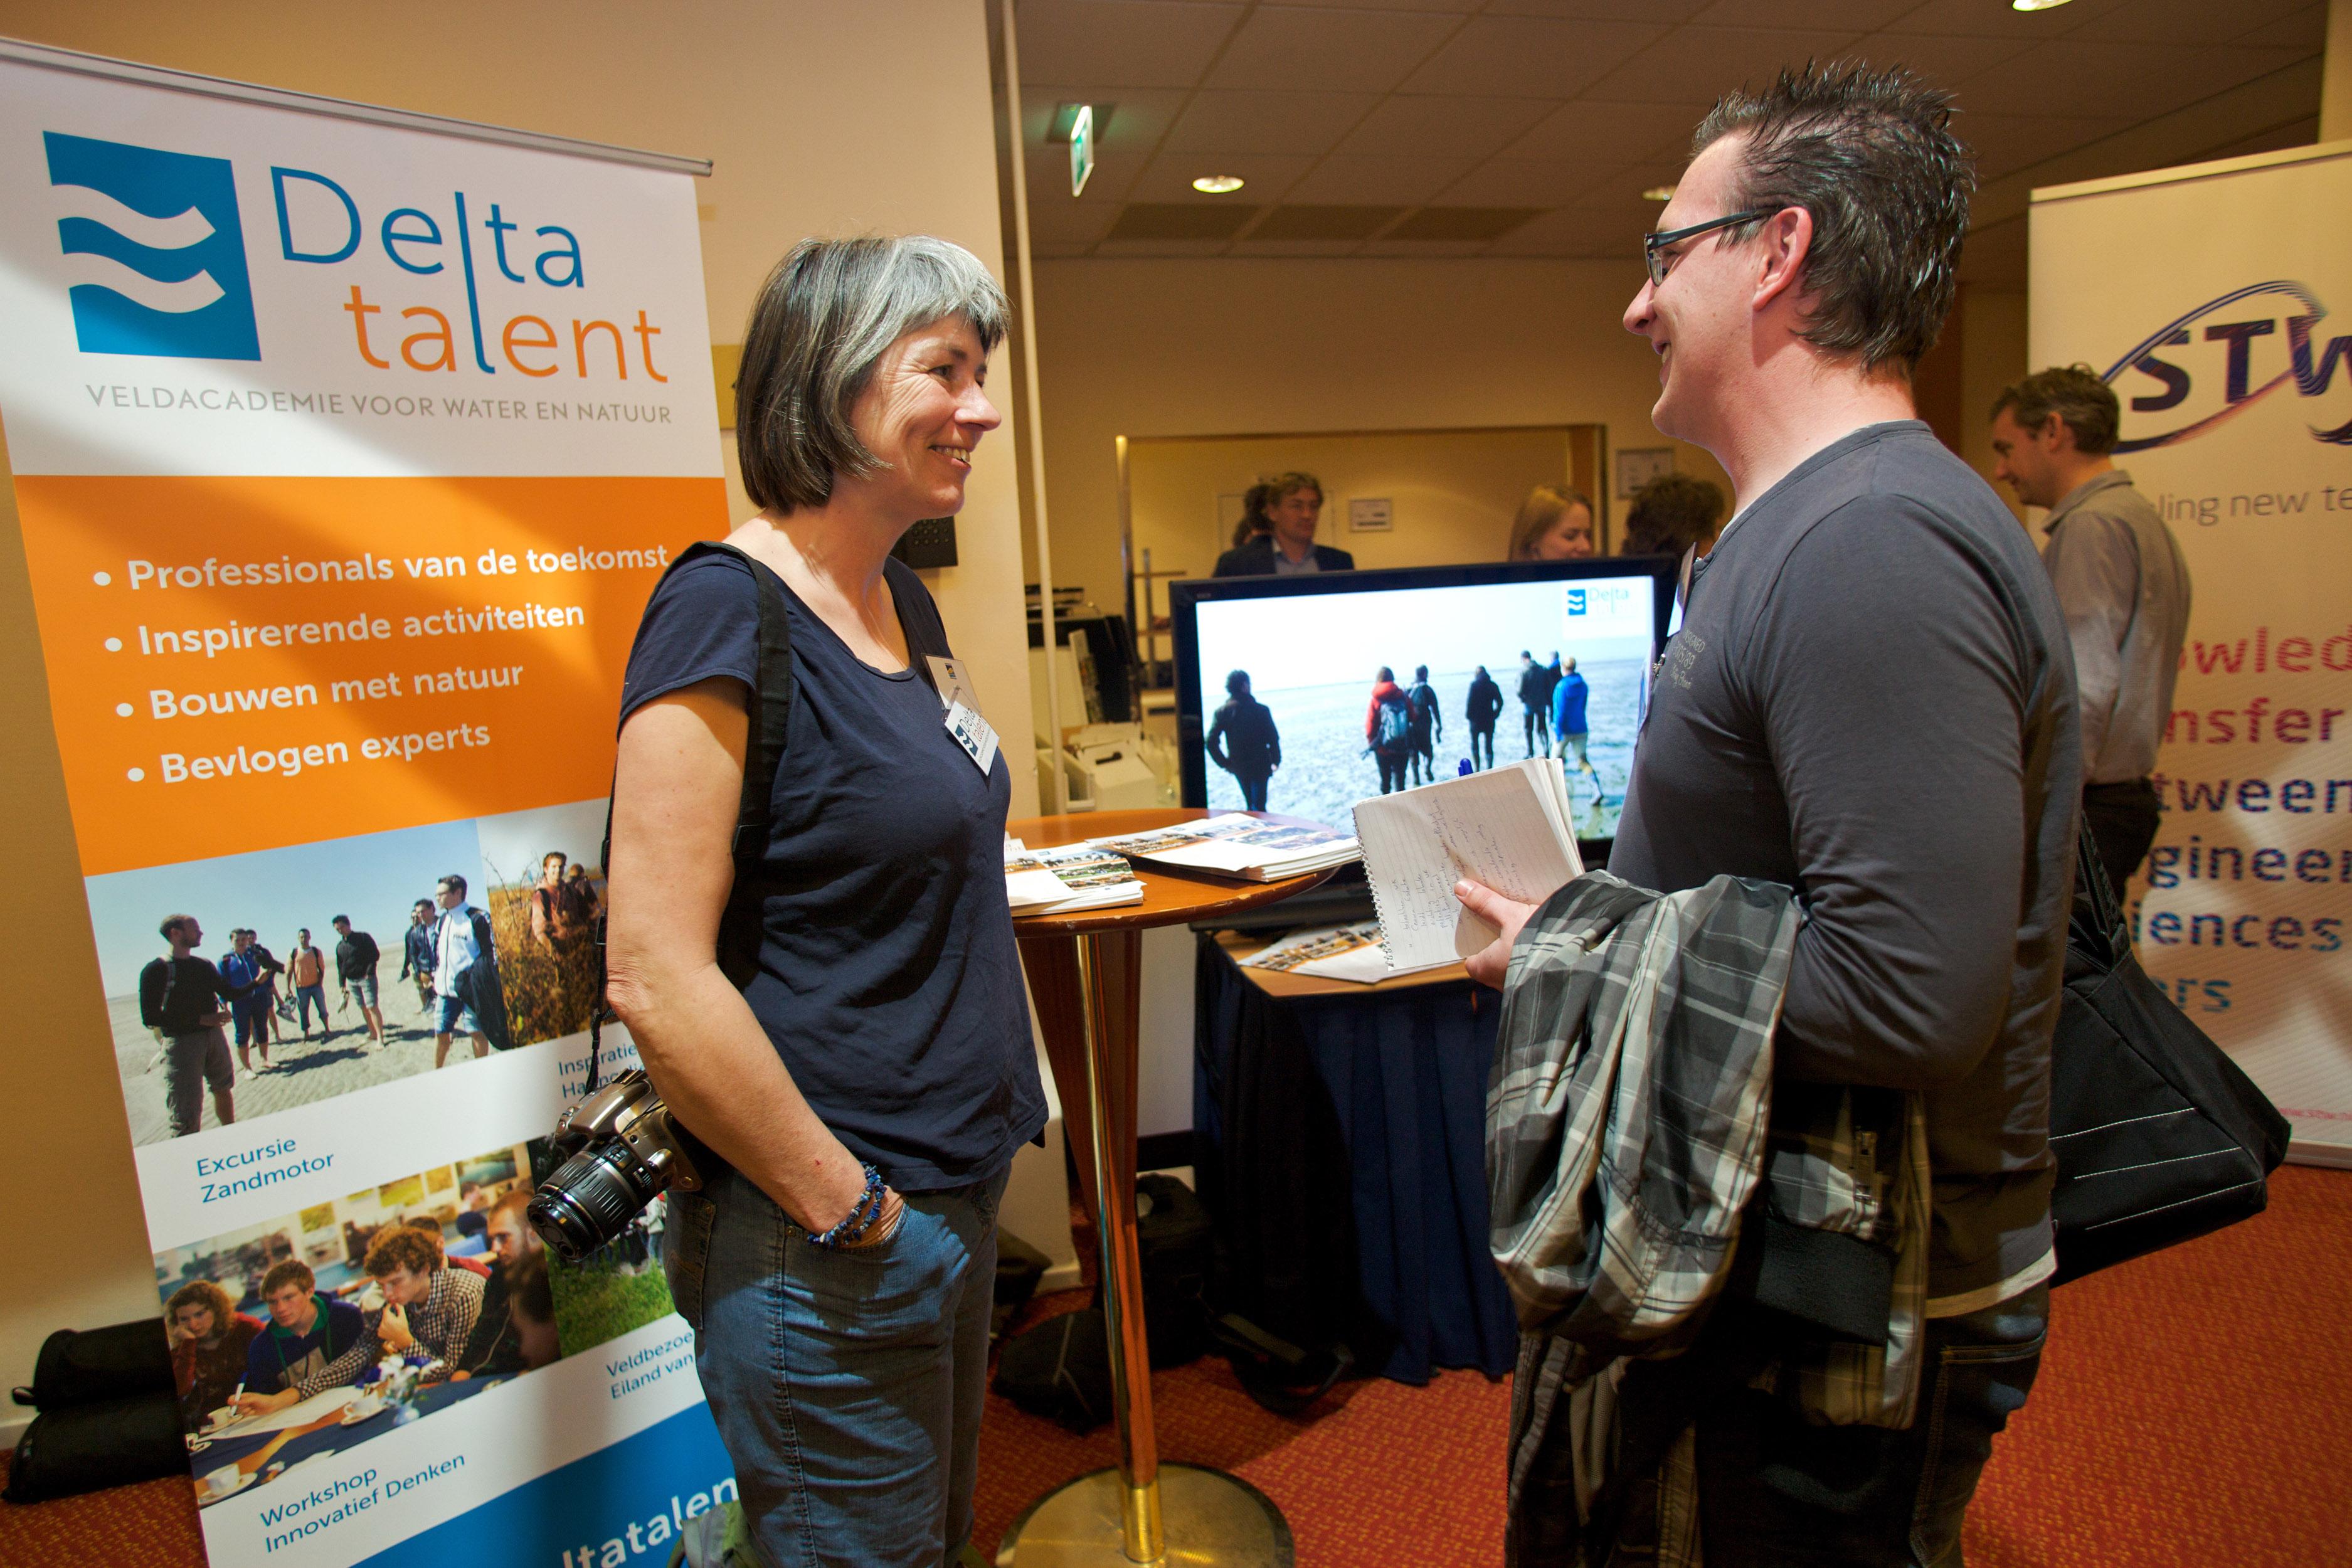 Delta Talent op het Zandmotorcongres